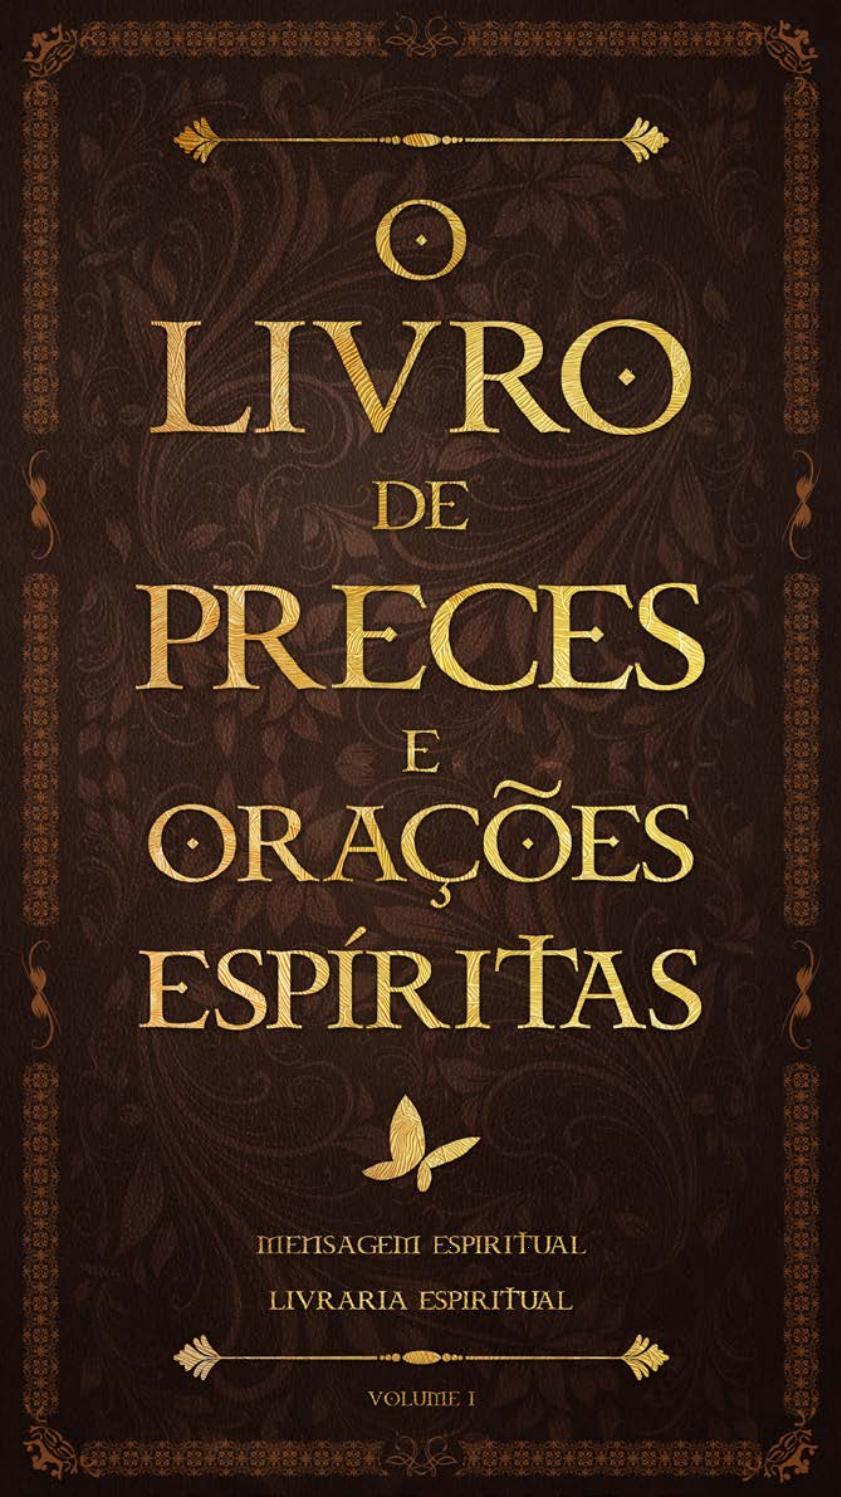 O Livro de Preces e Orações espíritas by Livro Espiritual